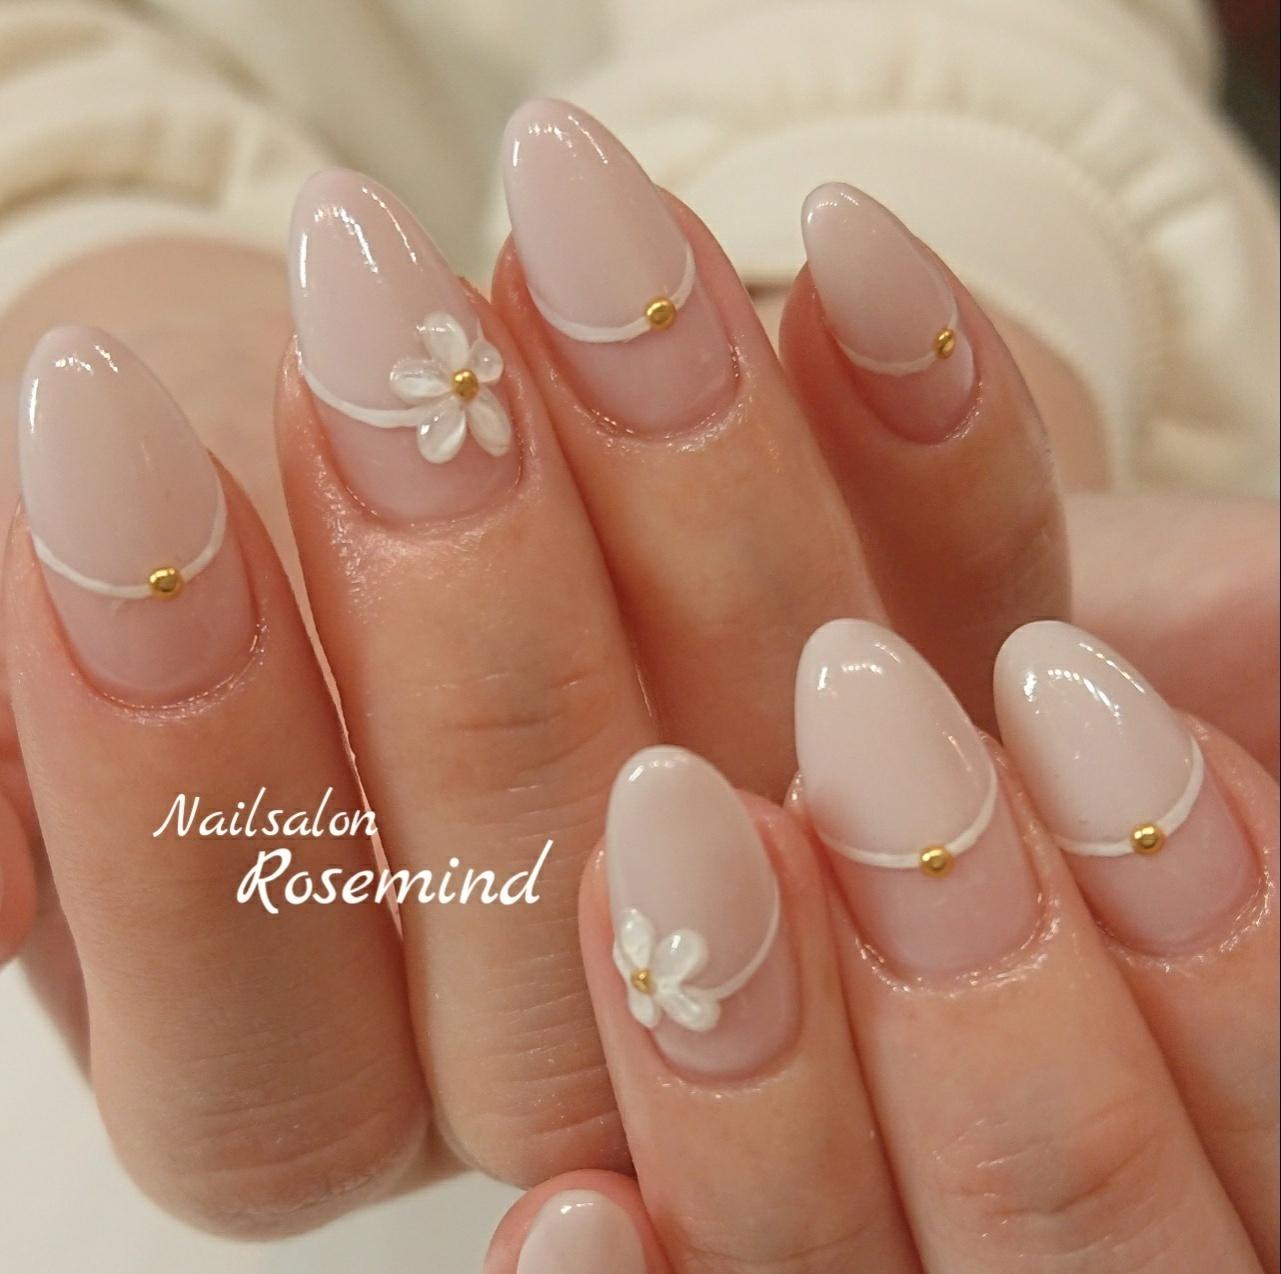 #ジェル #ジェルネイル #nails #ネイル #ネイルサロン #ネイルデザイン #ハンド #上品ネイル #大人可愛い #大人ネイル #オフィスネイル #変形フレンチ #シンプルネイル